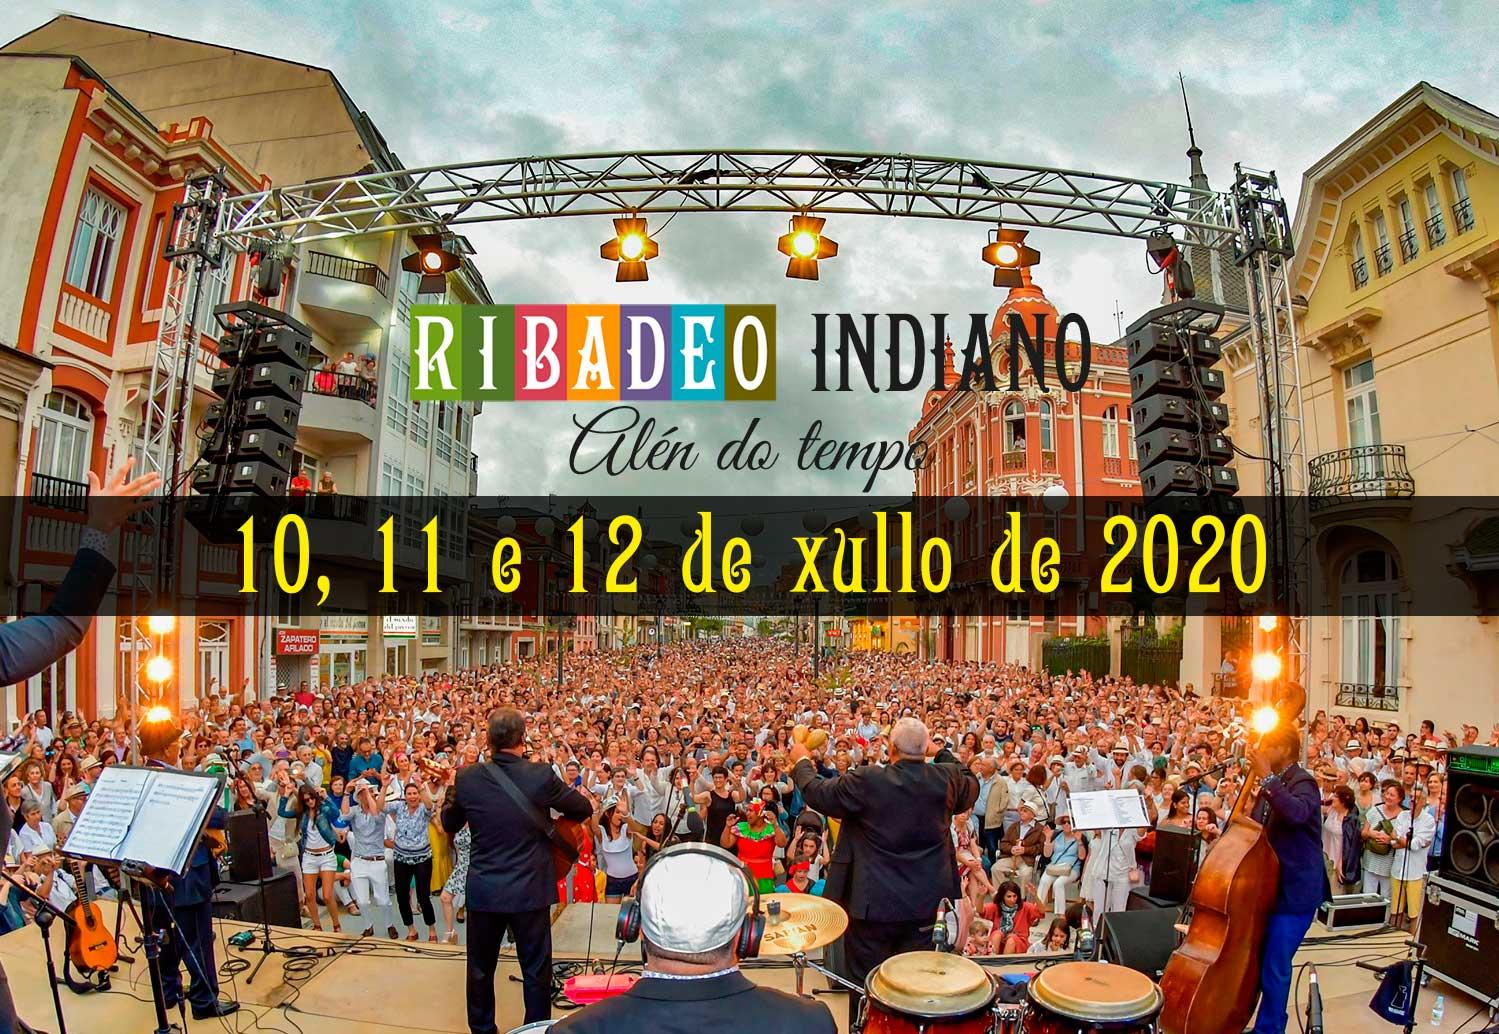 Cancelado el Ribadeo Indiano 2020 de común acuerdo entre Ayuntamiento y ACISA